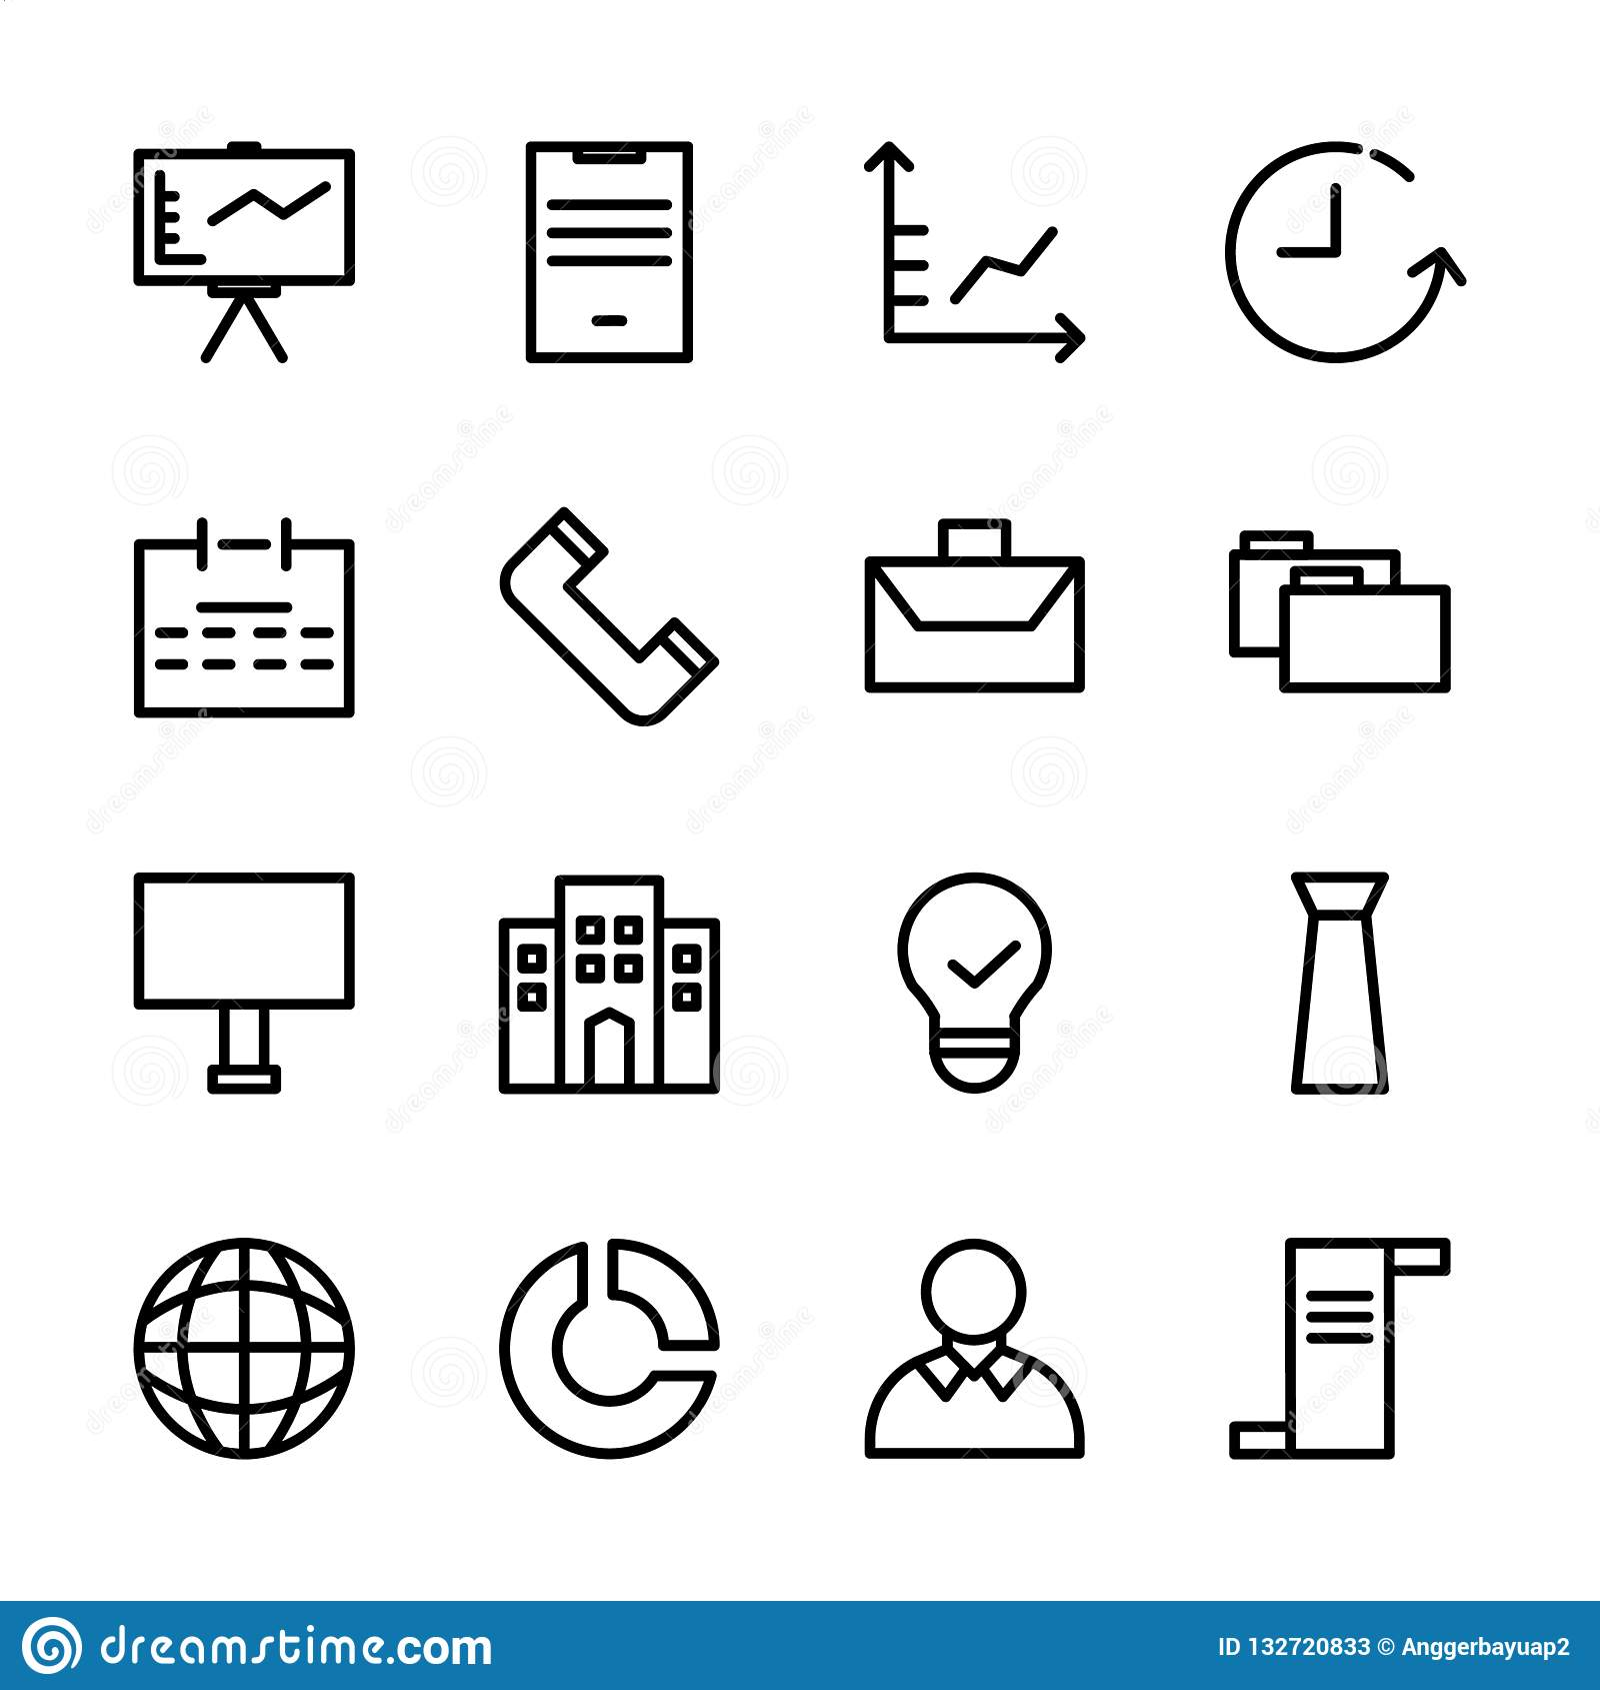 Συλλογή του συνόλου επιχειρησιακών εικονιδίων κατάλληλος για το μάρκετινγκ, τη χρηματοδότηση, και άλλη σχετική επιχείρηση